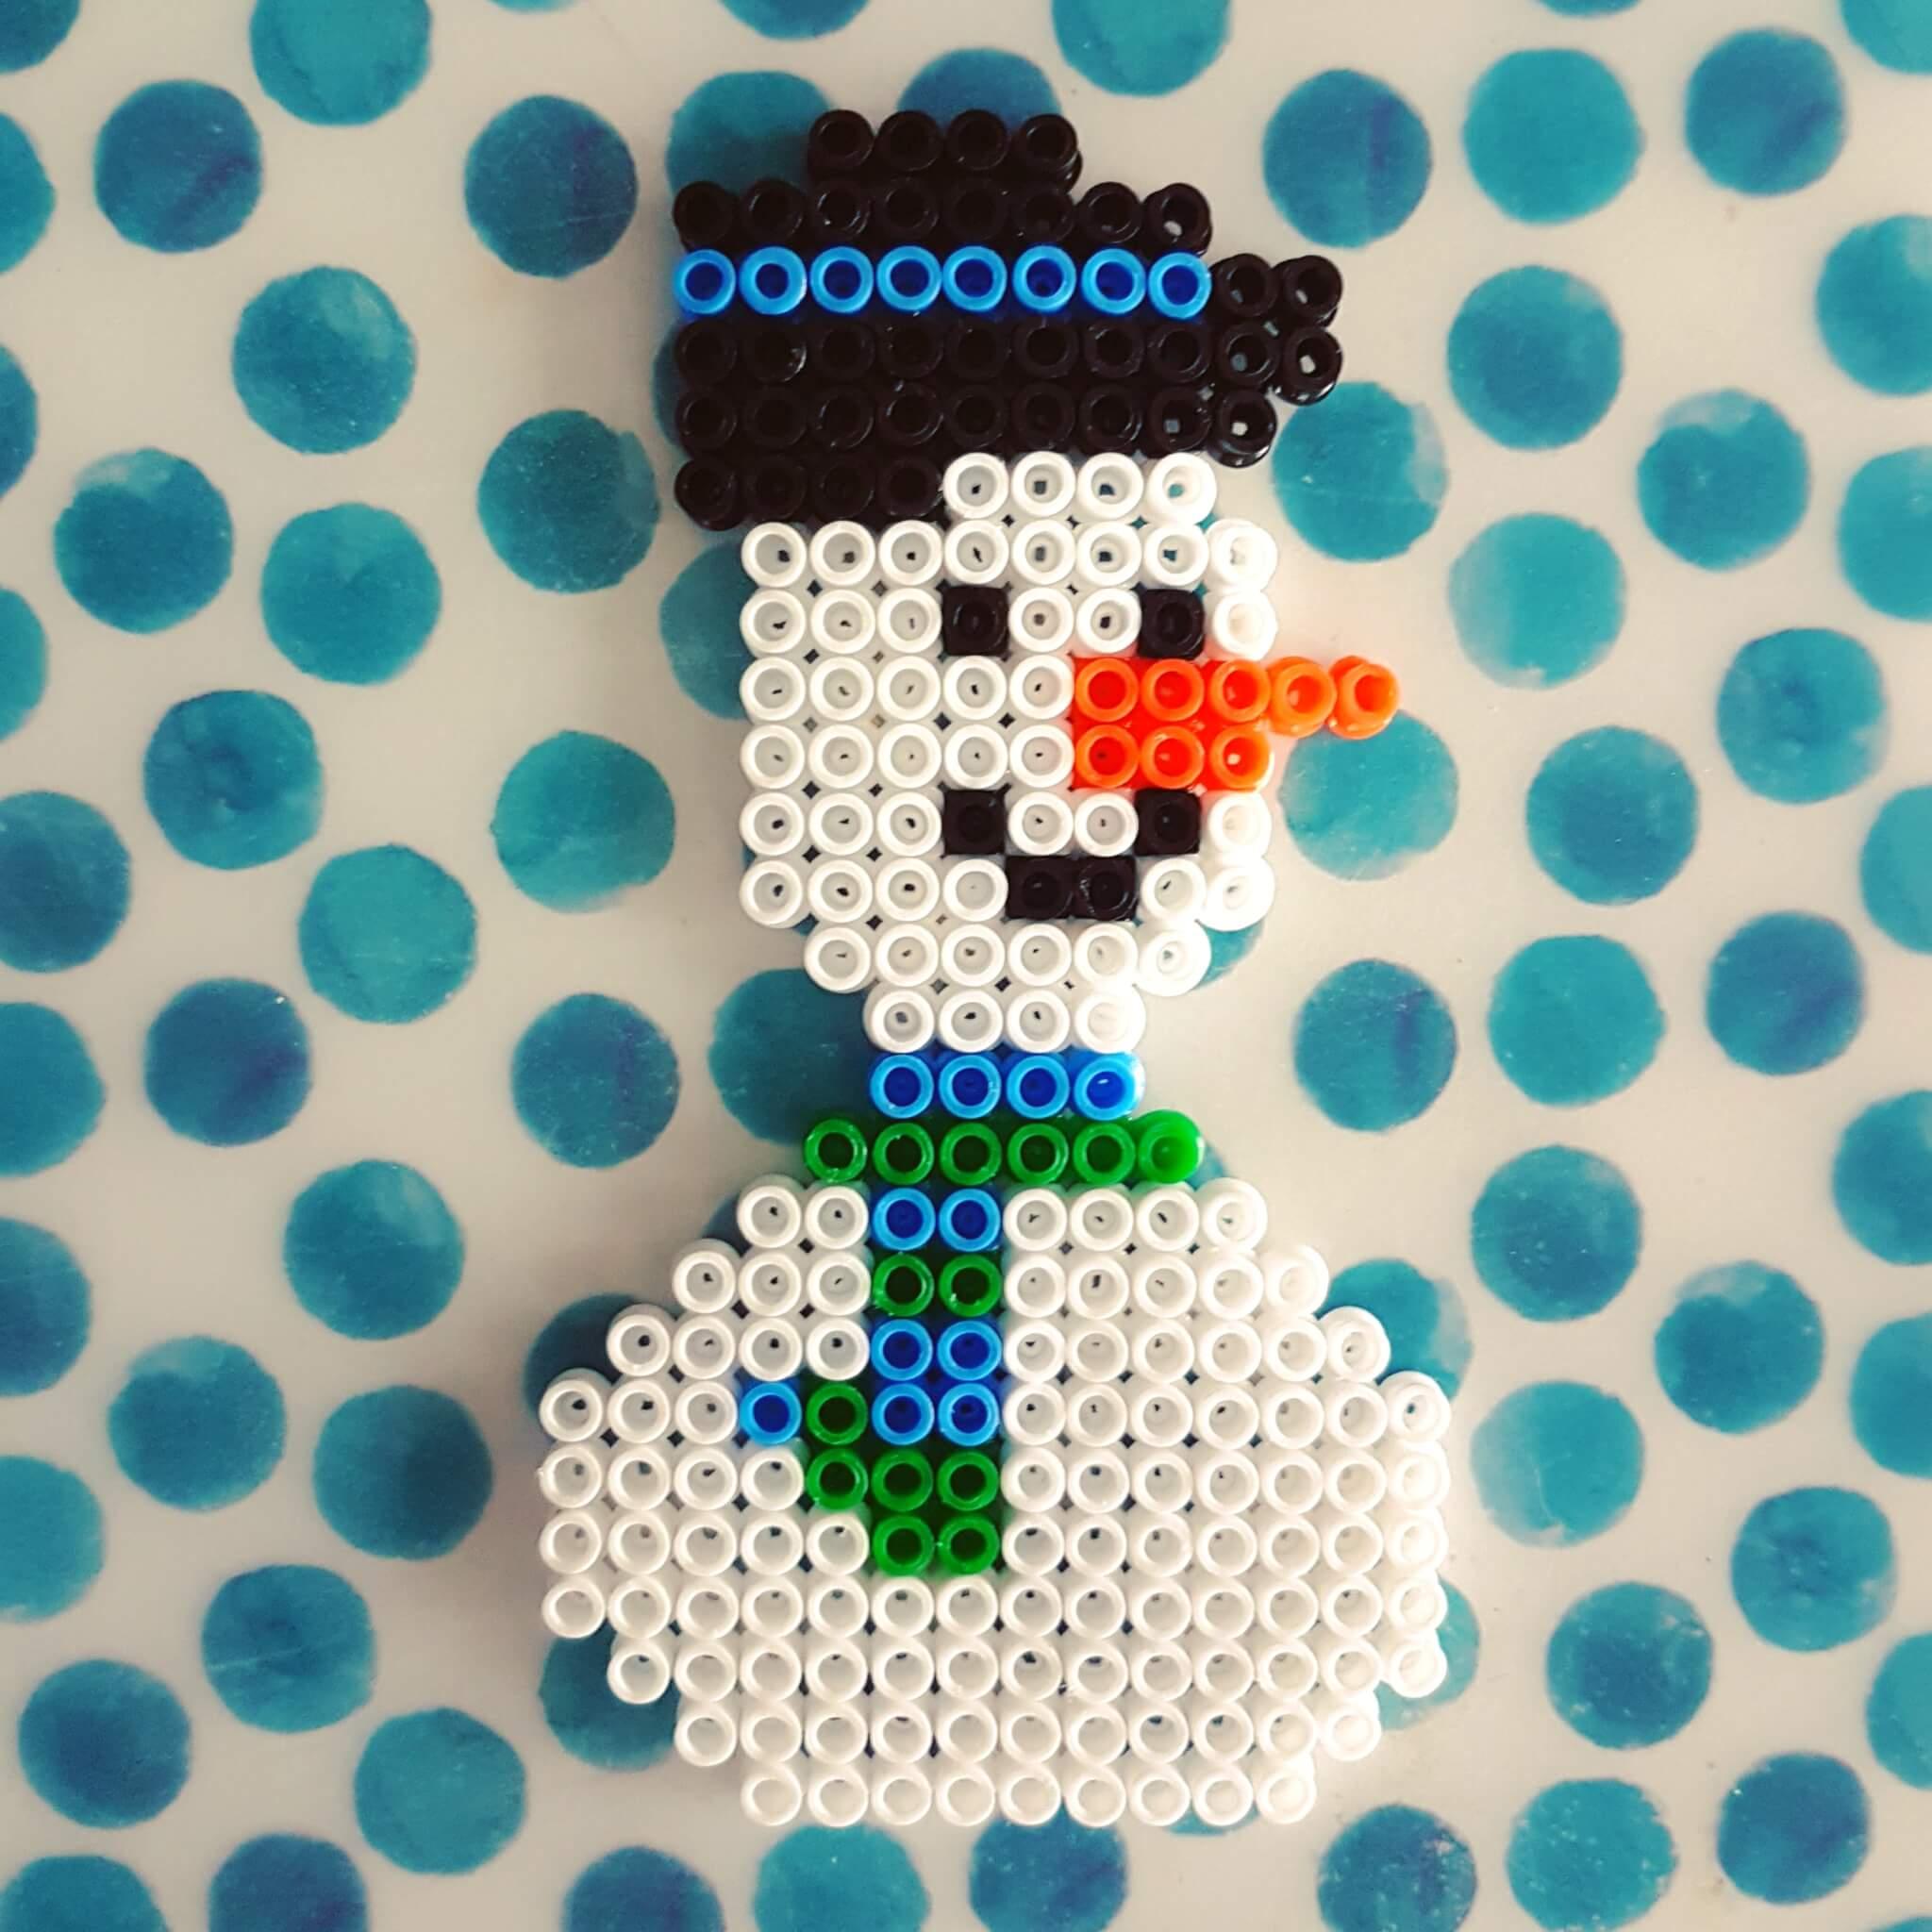 Winter knutsels: met de kinderen knutselen in winter thema - sneeuwpop strijkkralen snowman hamabeads